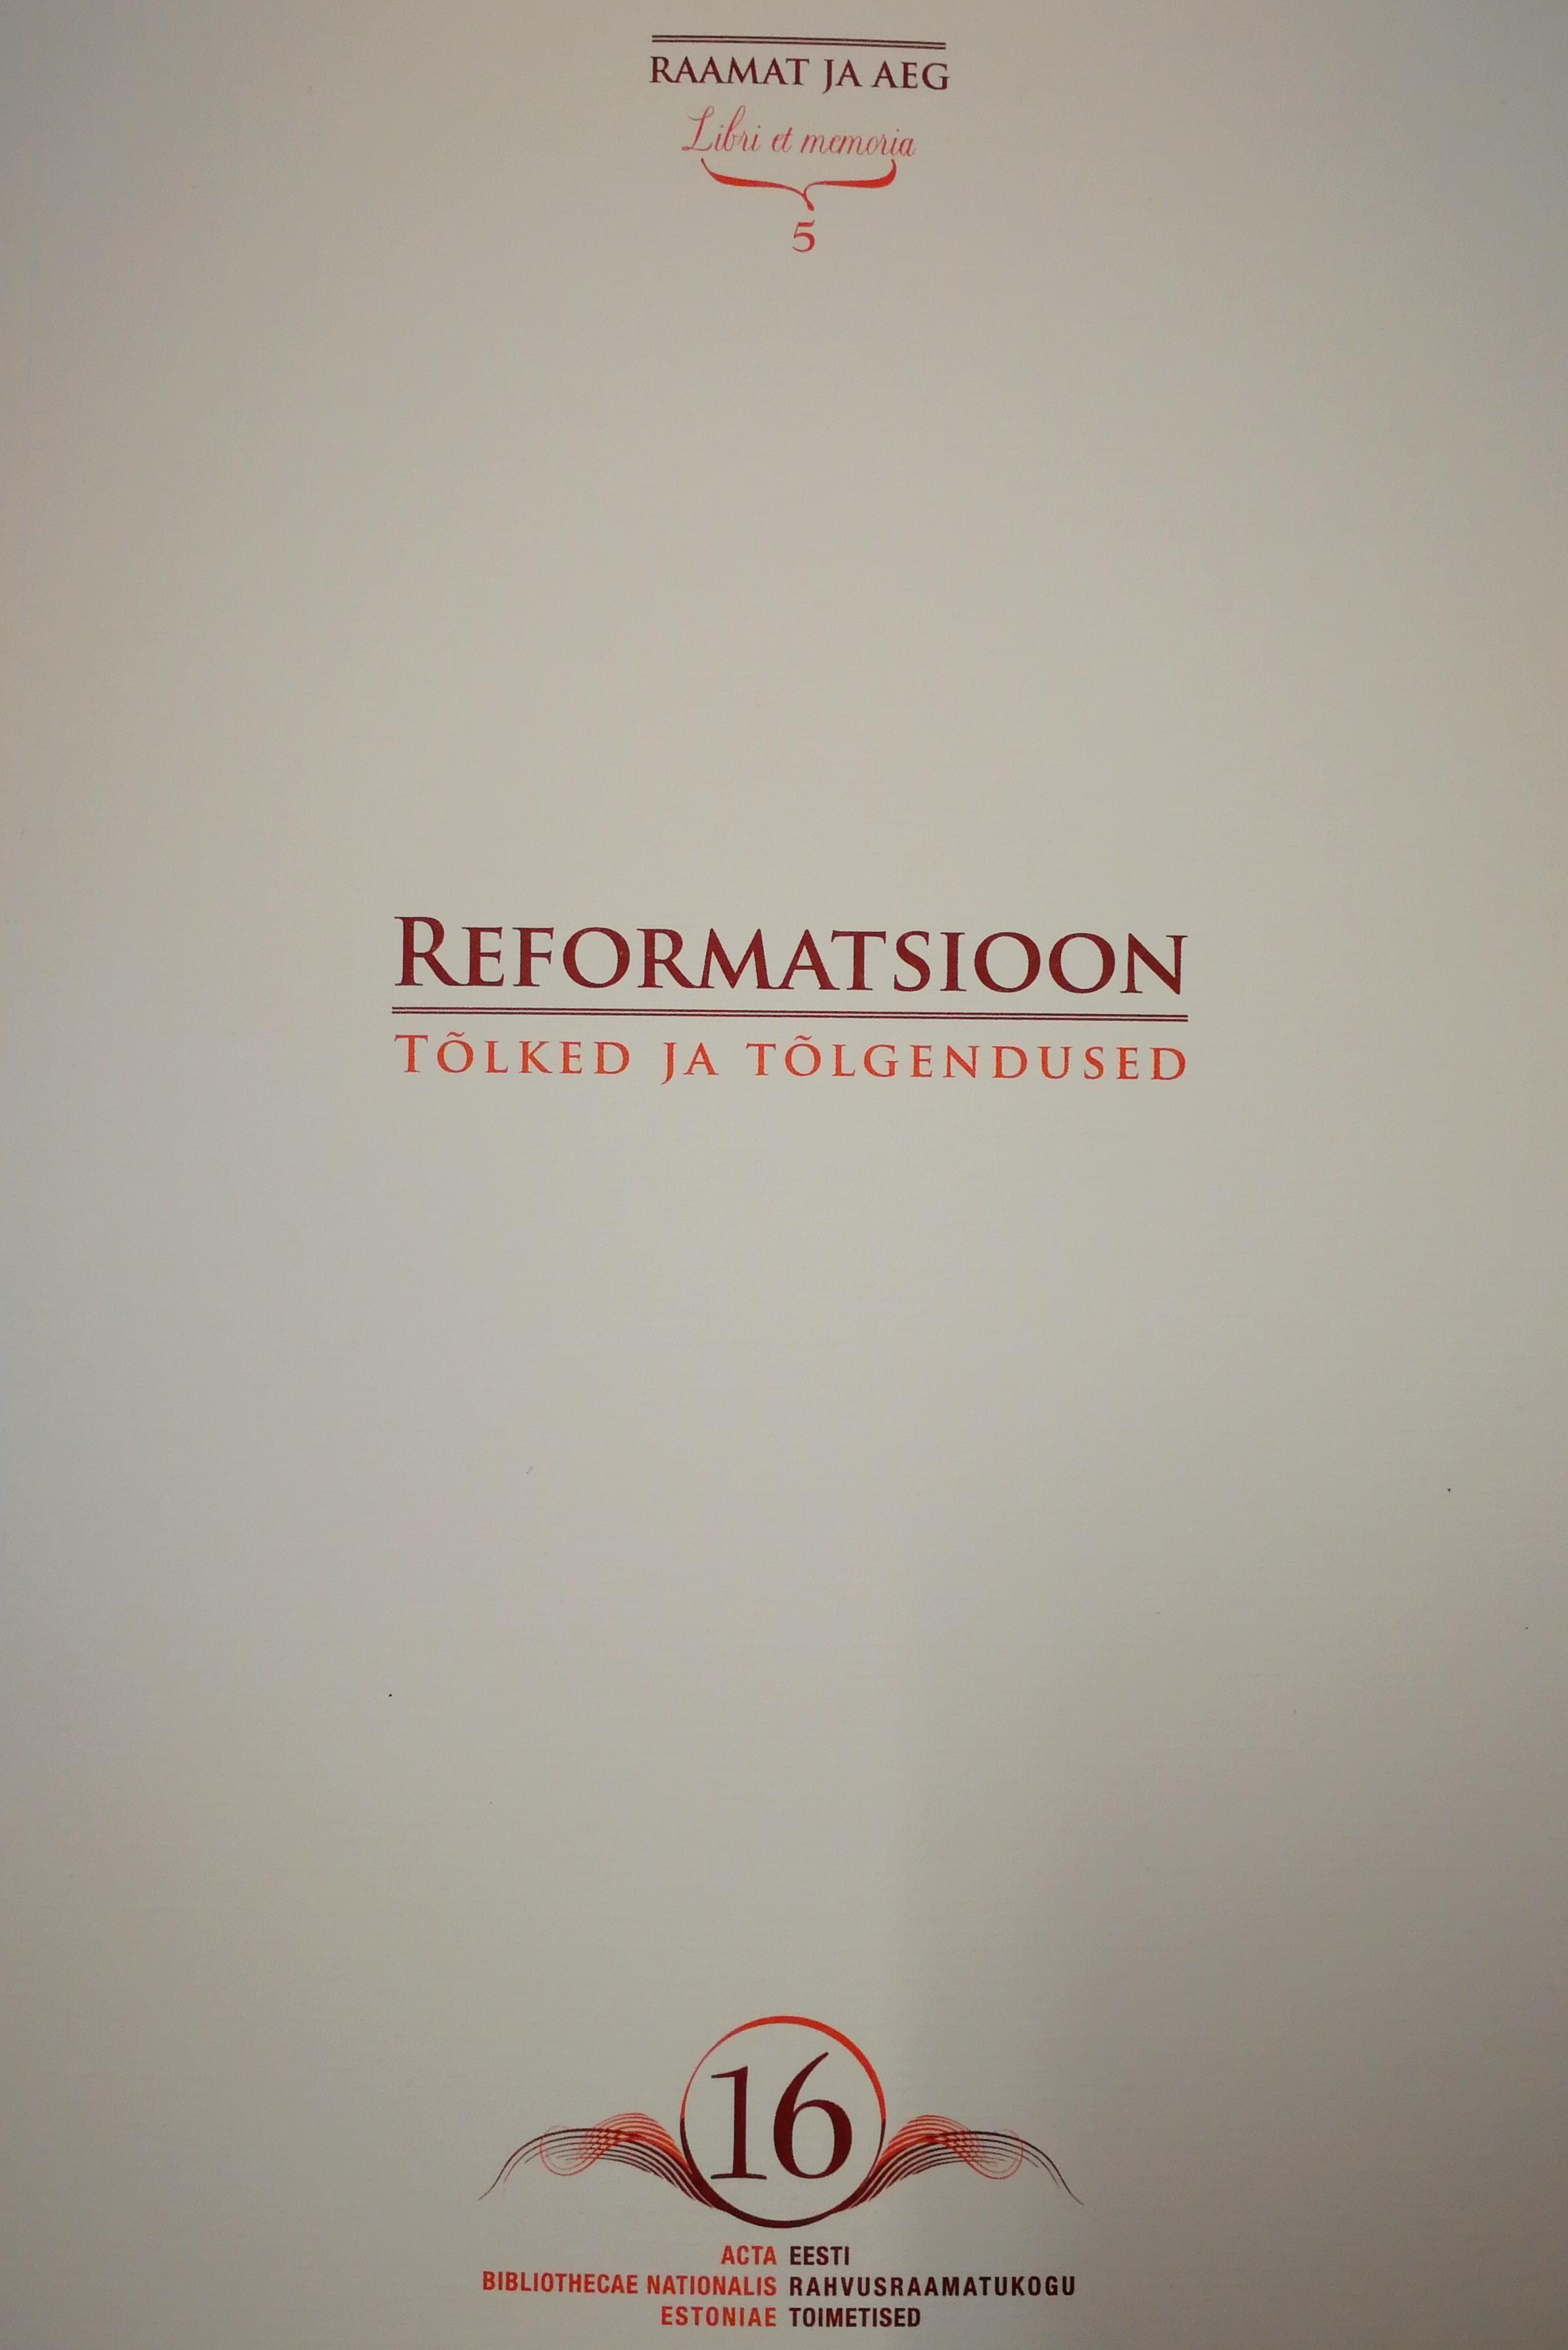 Reformatsioon - tõlked ja tõlgendused